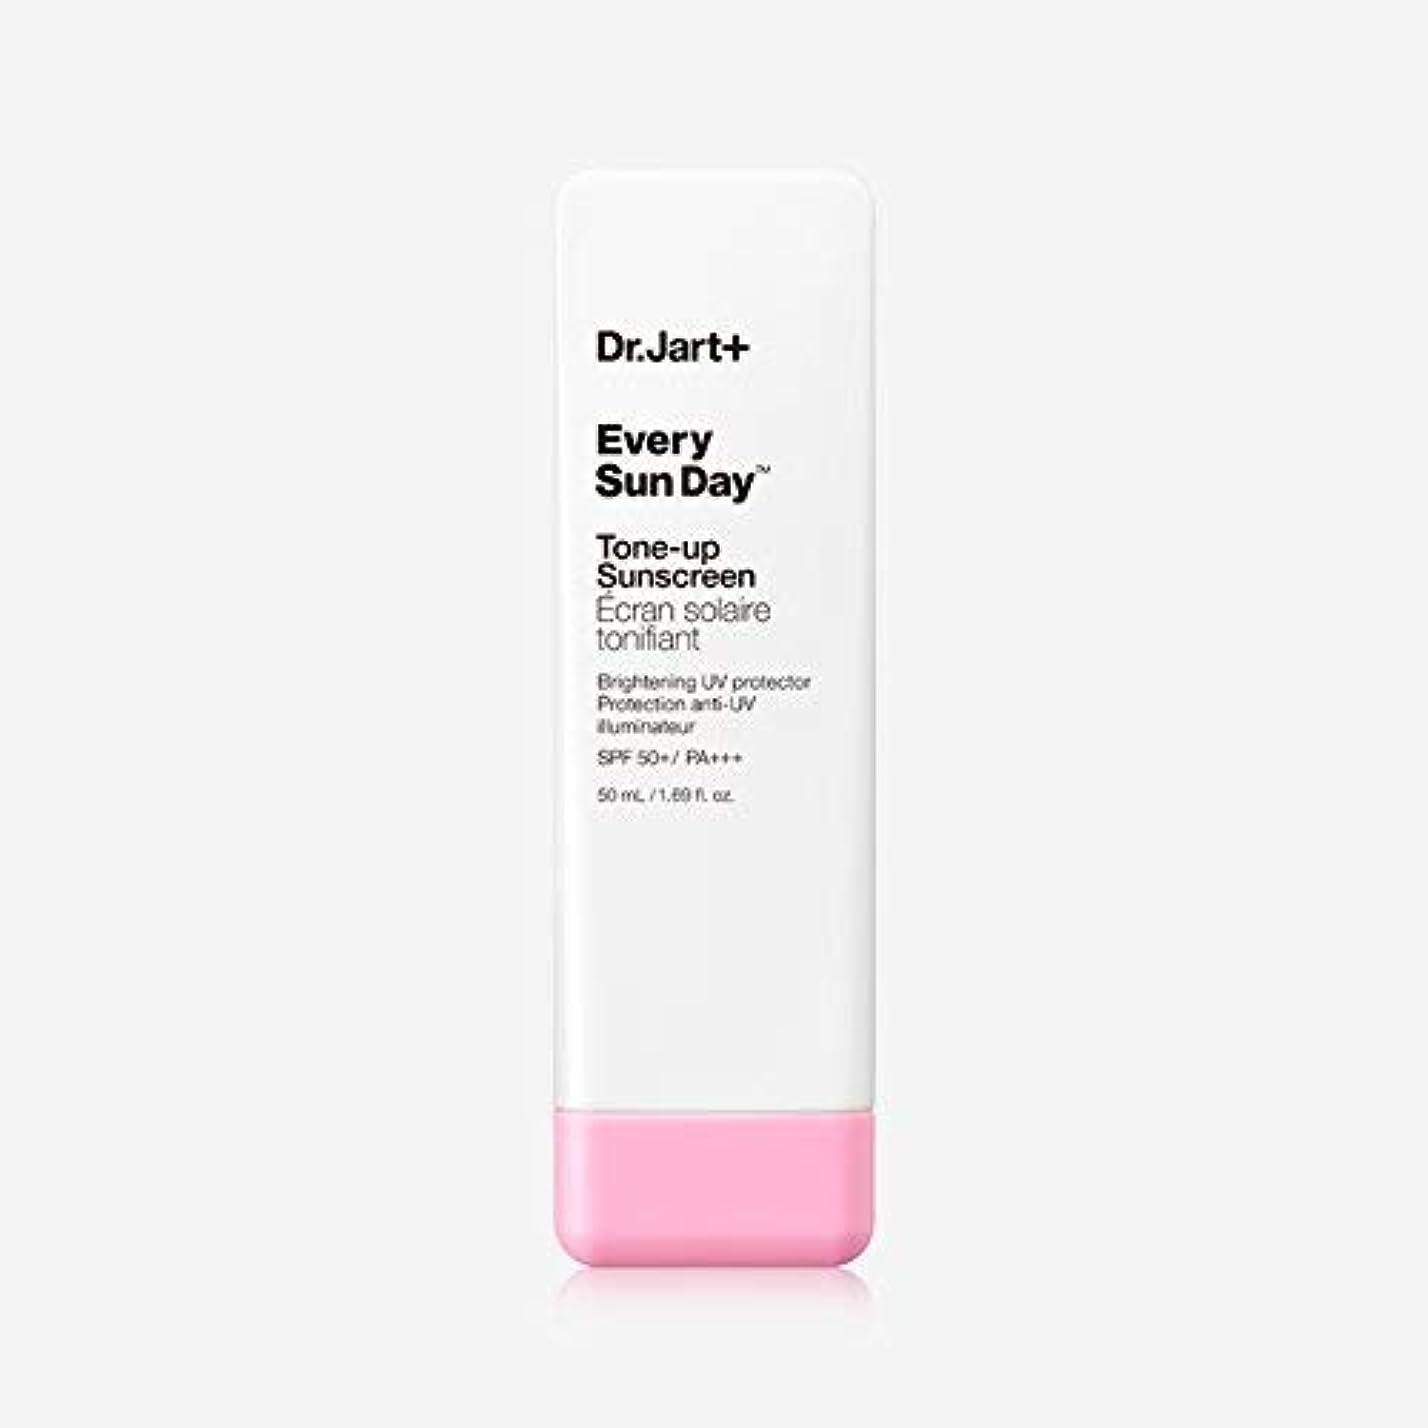 酸っぱい義務づけるこするDr.Jart+ Every Sun Day Tone-up Sunscreen SPF50+ PA+++ 50ml / ドクタージャルトゥエヴリサンデートーンアップサンスクリーンSPF50+PA+++50ml [並行輸入品]